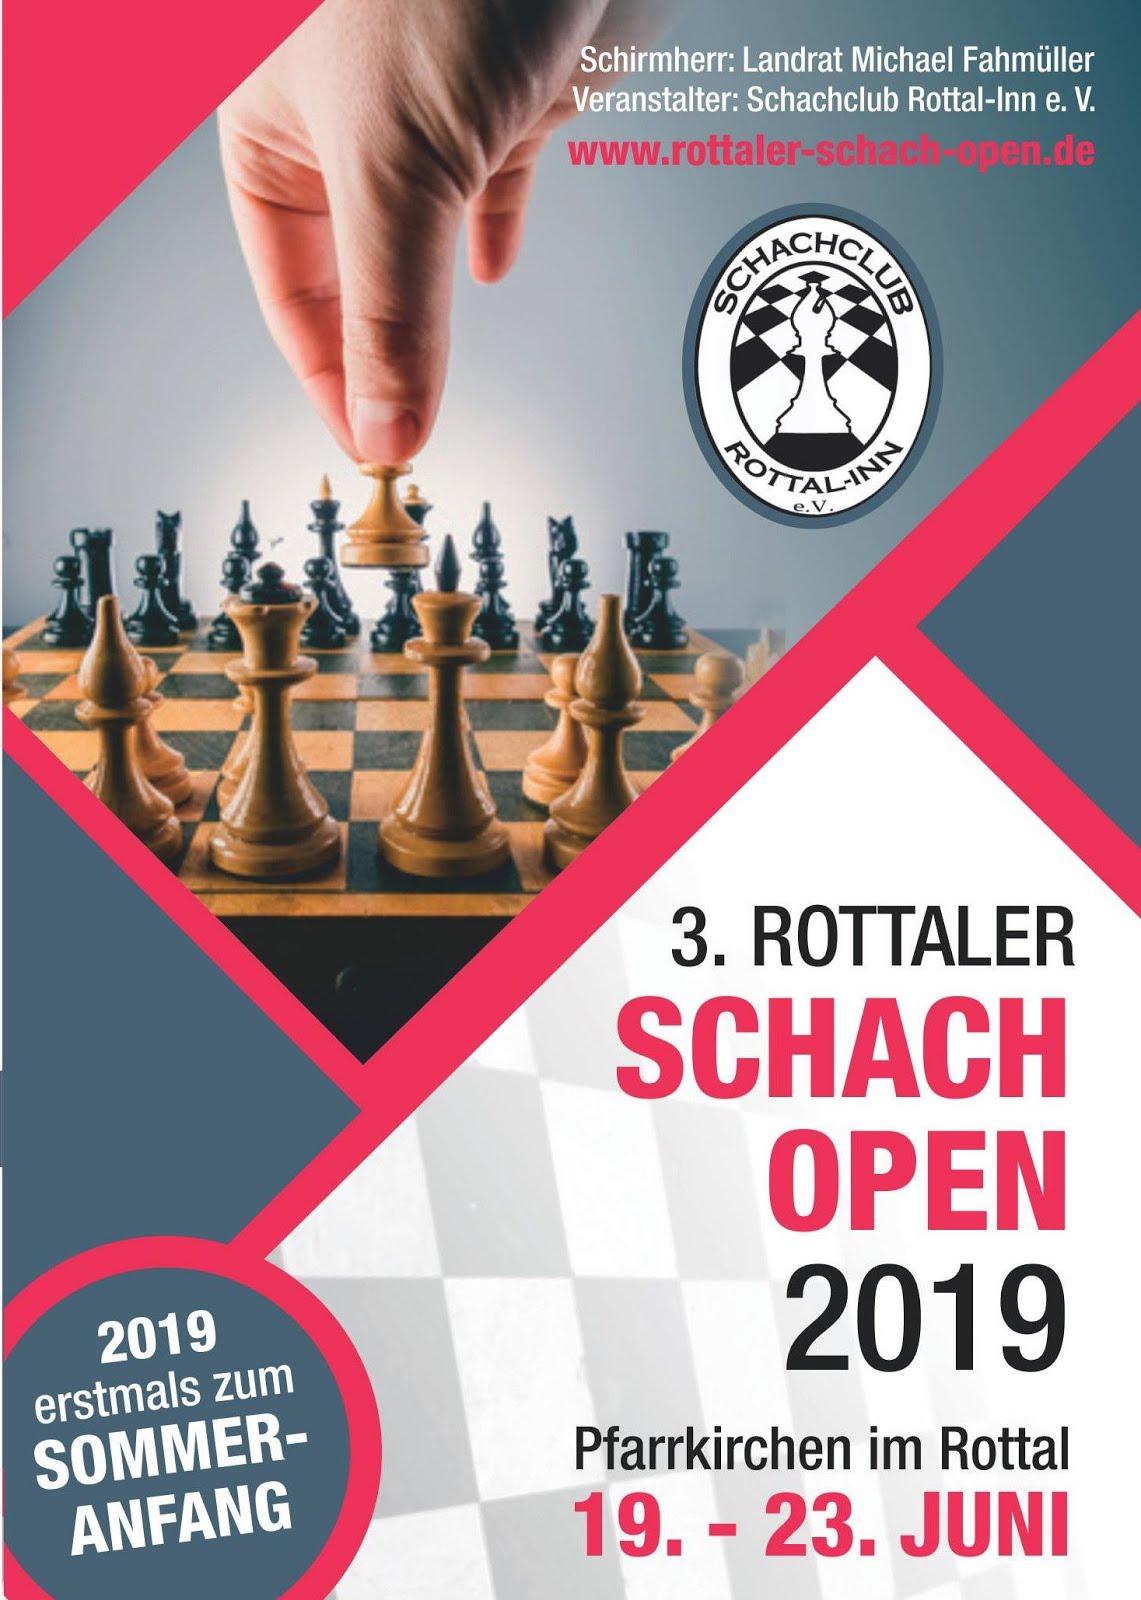 3. Rottaler Open 2019